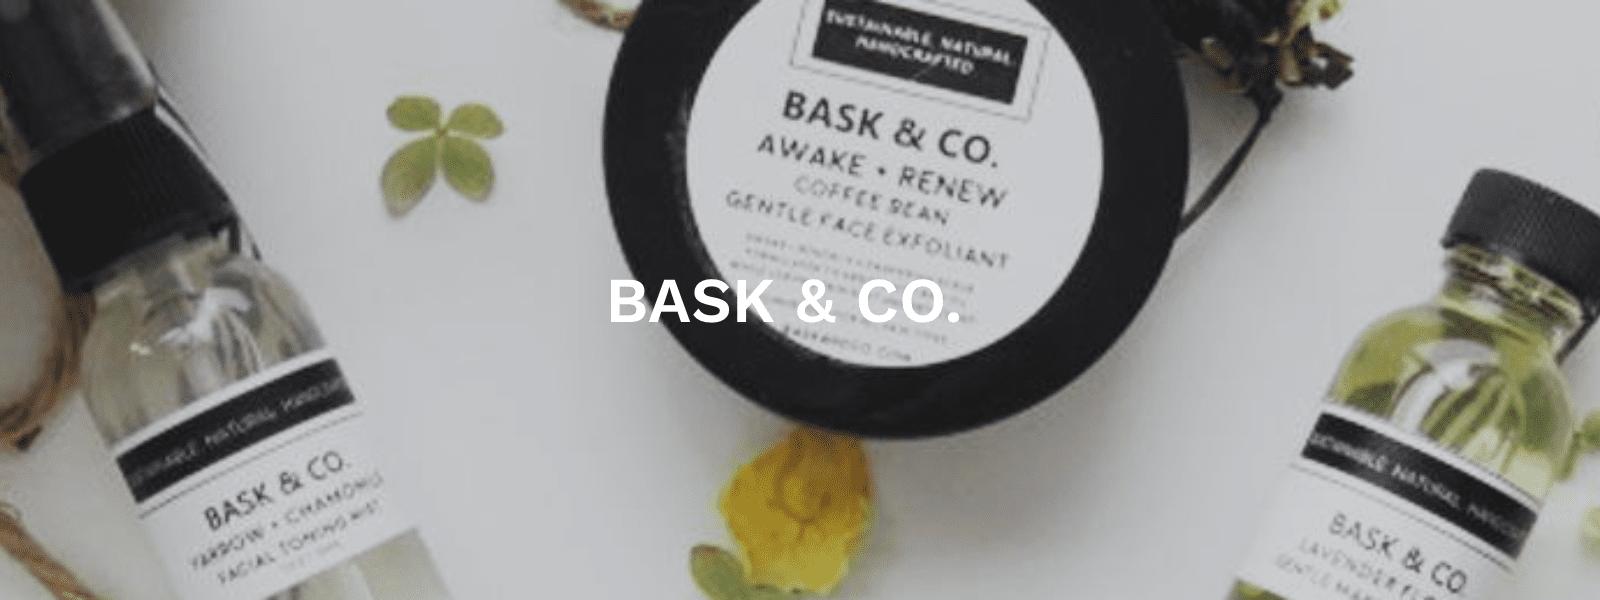 Bask & Co